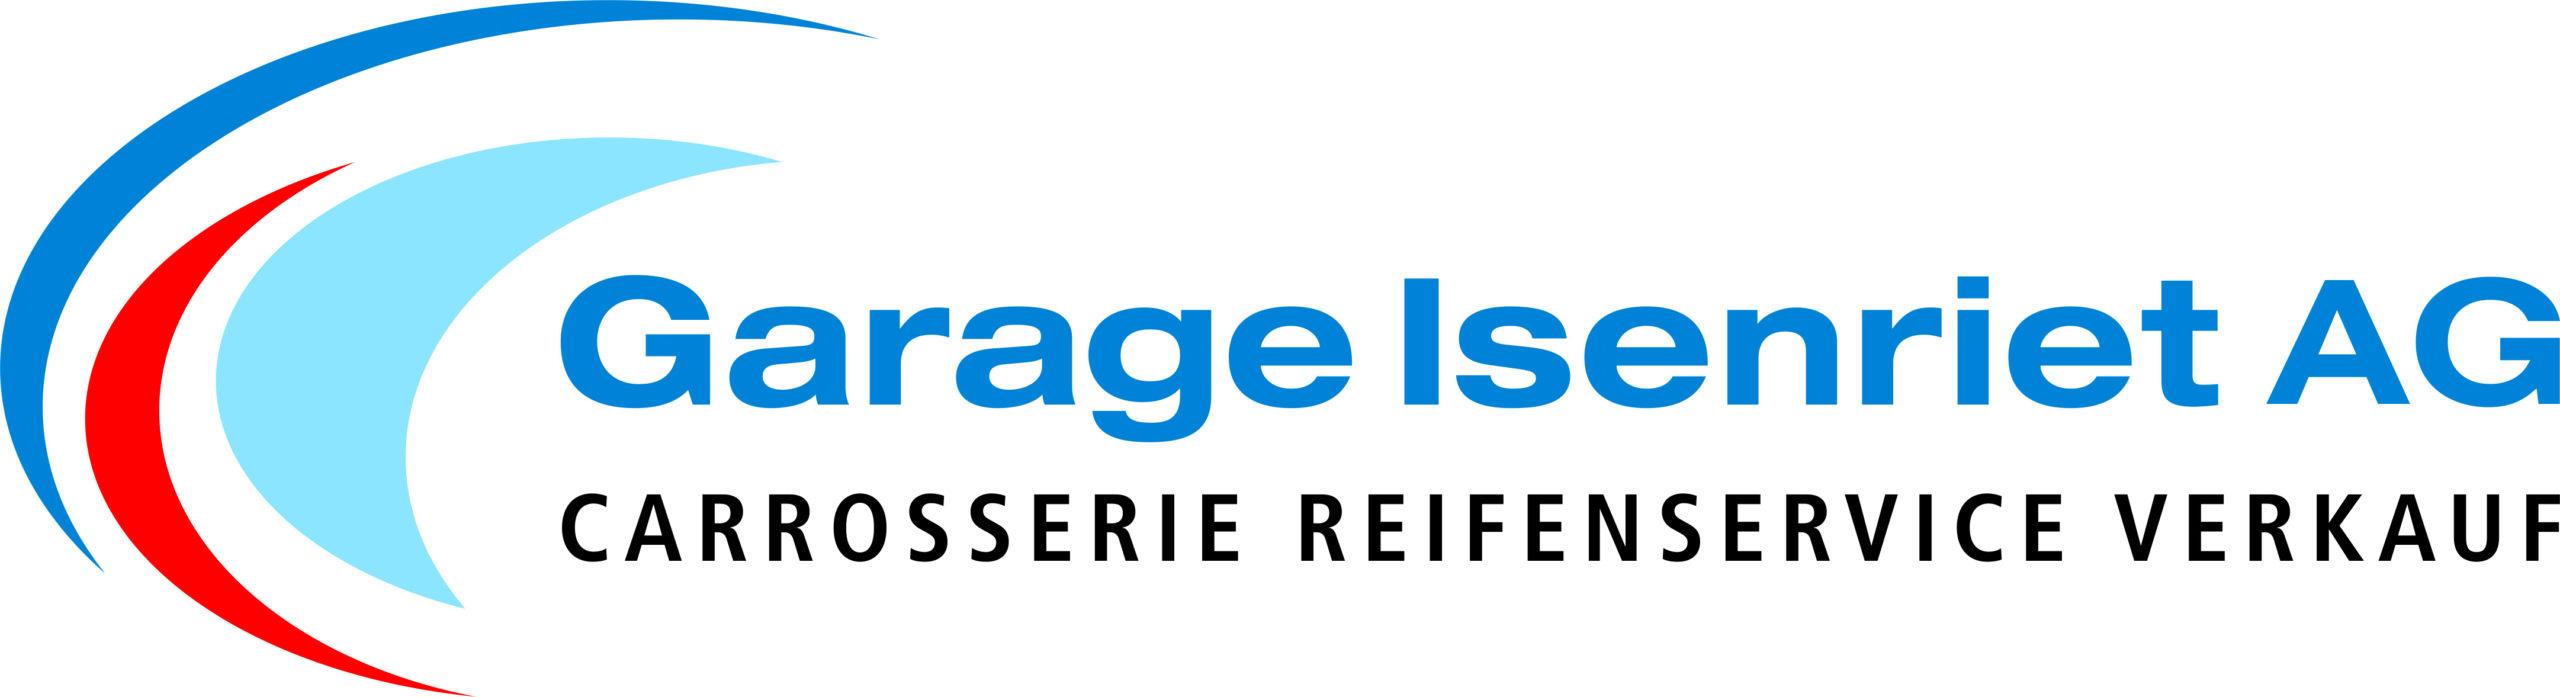 Garage Isenriet AG